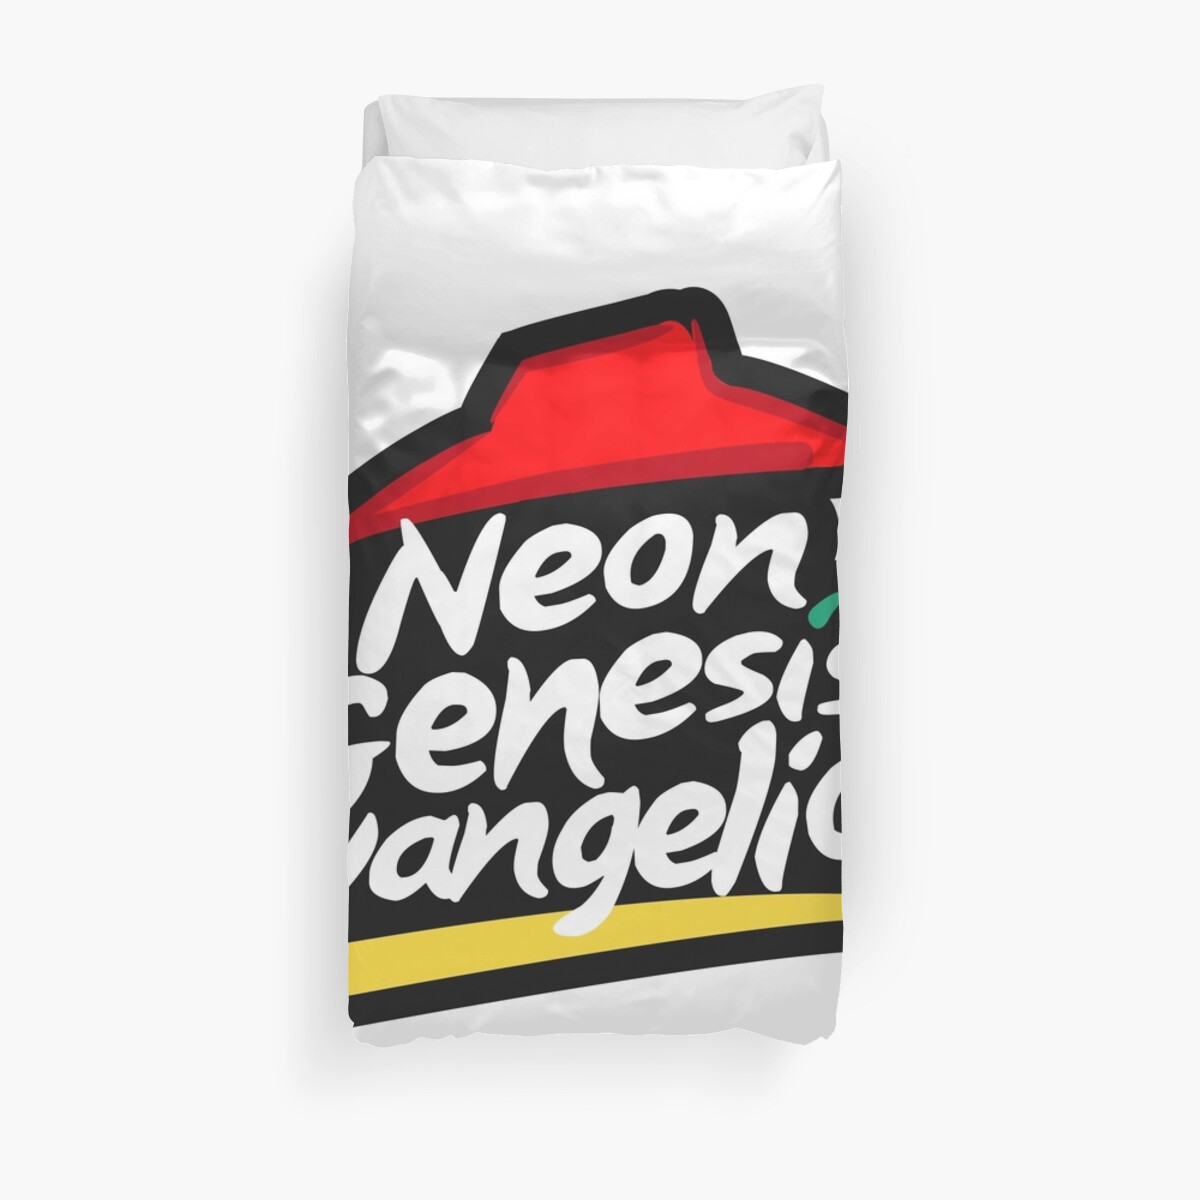 Neon Genesis Evangelion x Pizza Hut\